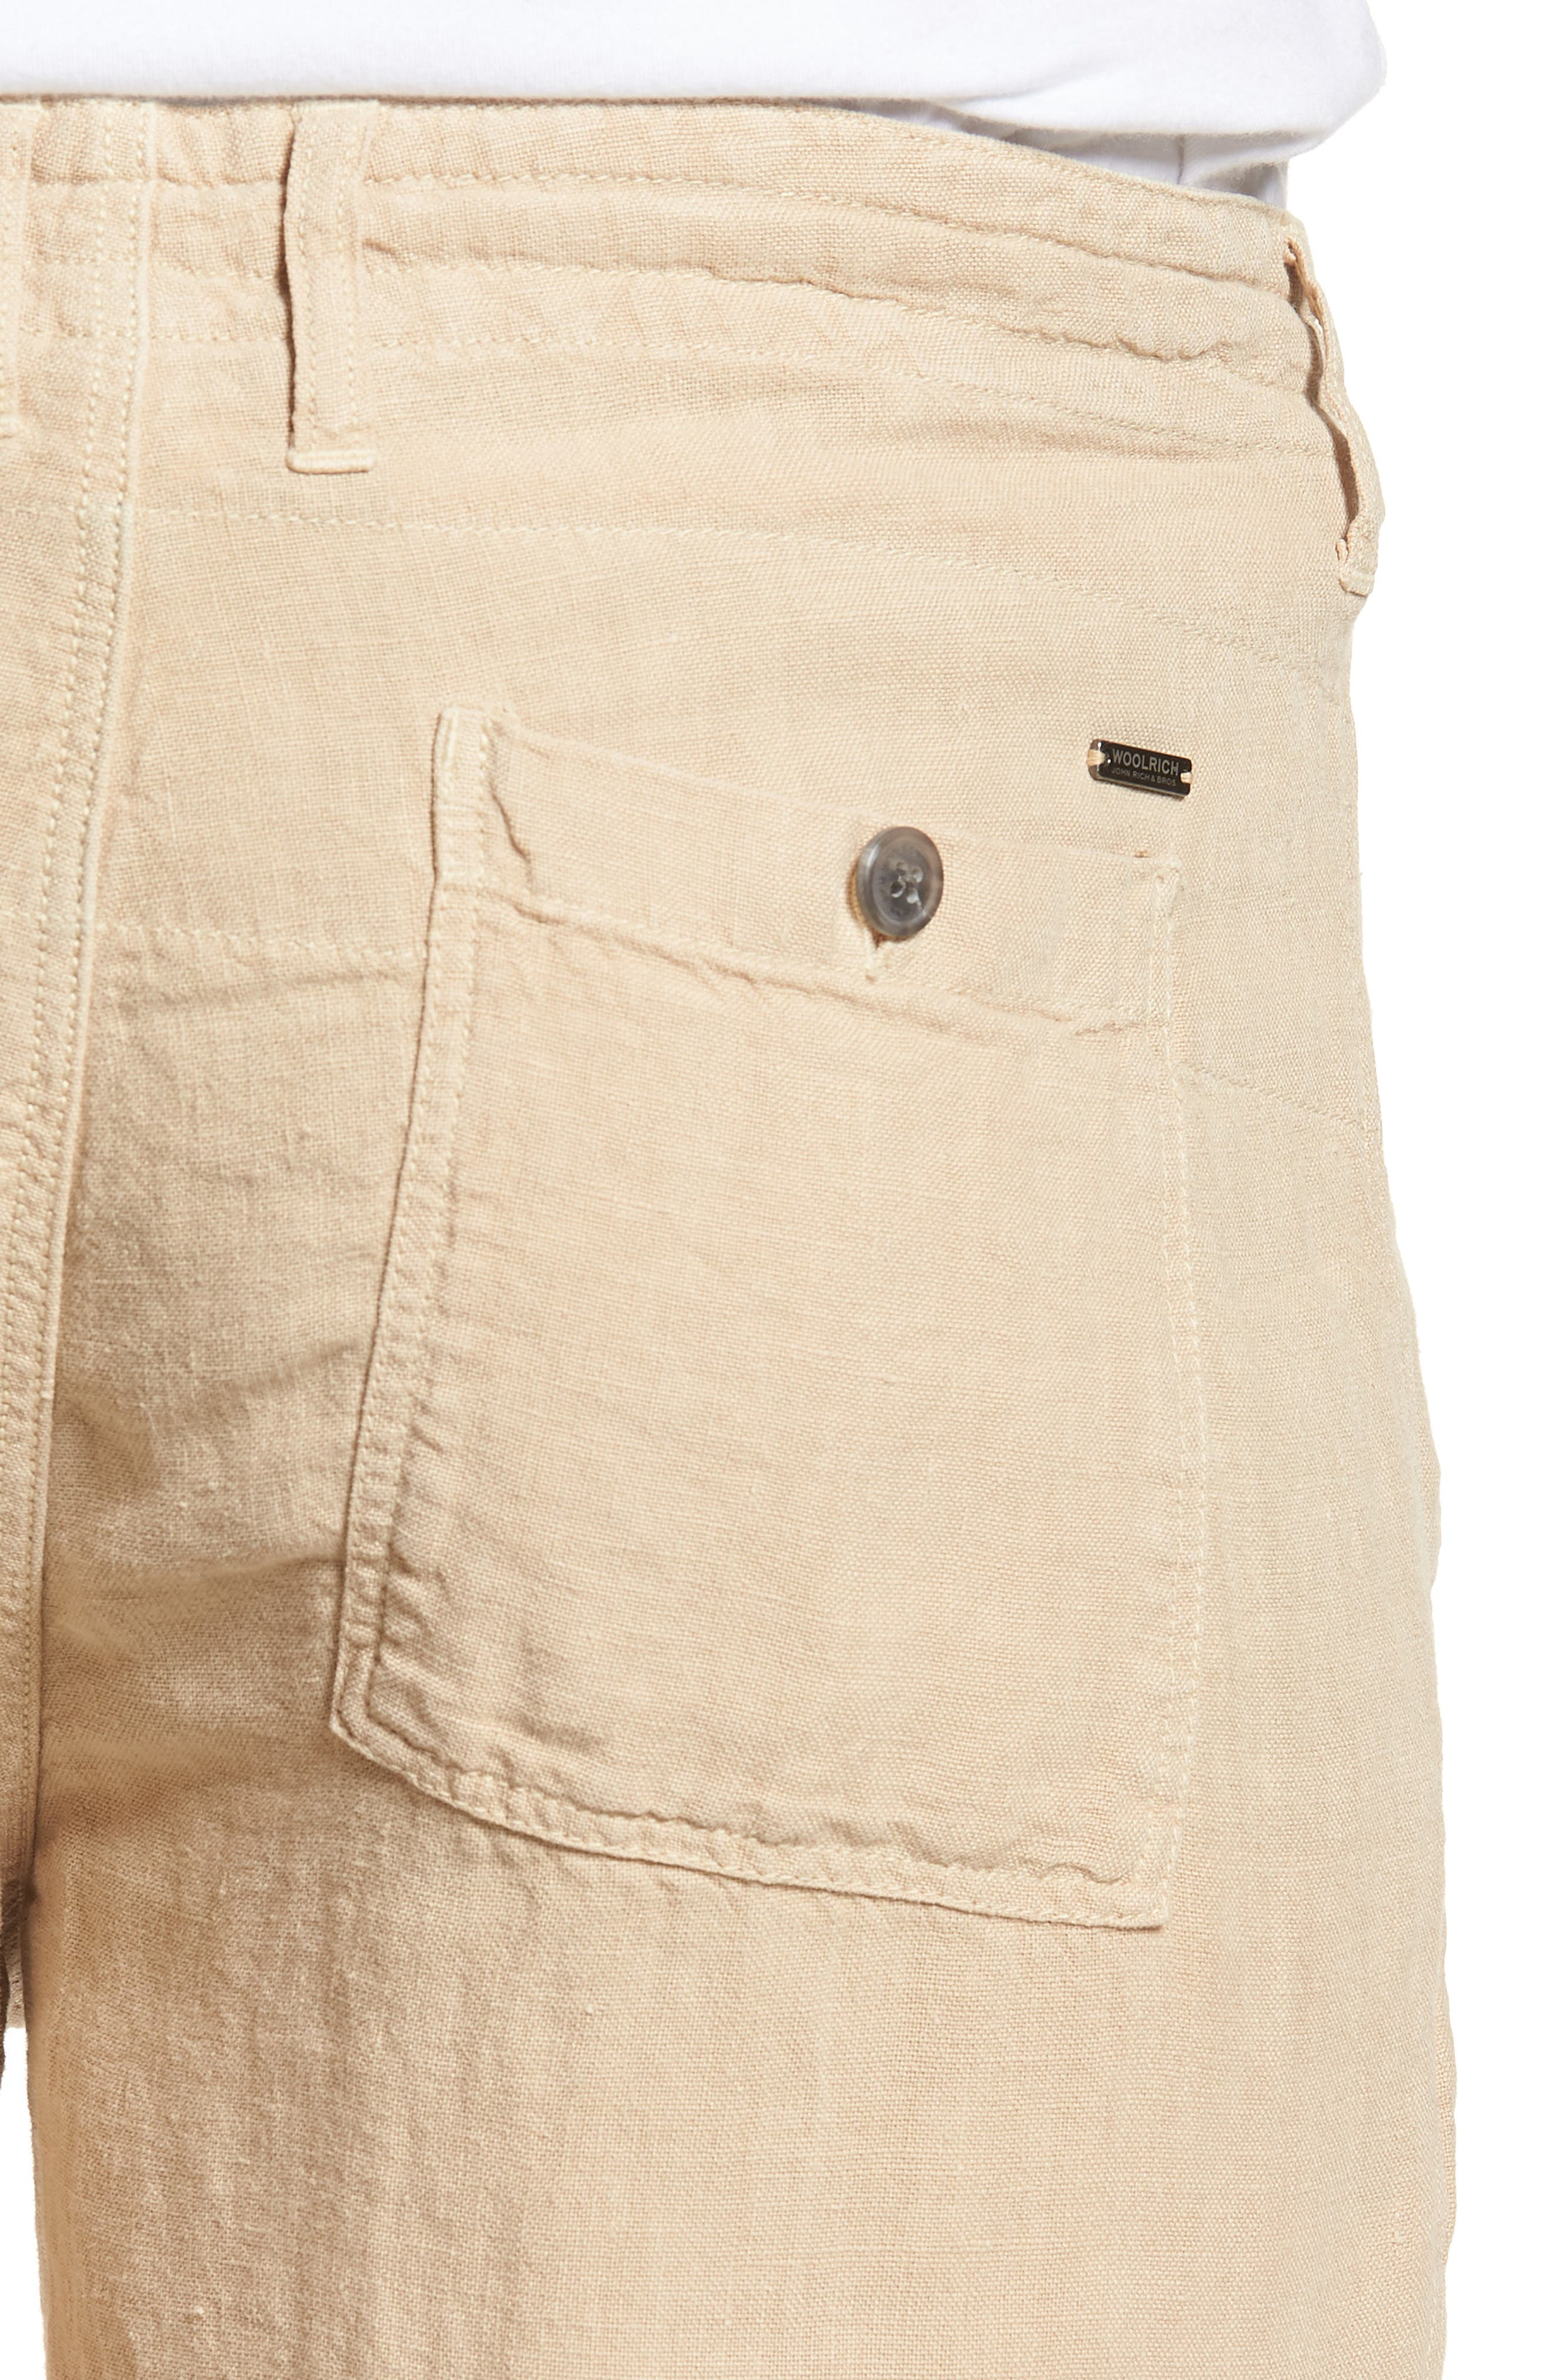 & Bros. Linen Shorts,                             Alternate thumbnail 4, color,                             Desert Dust